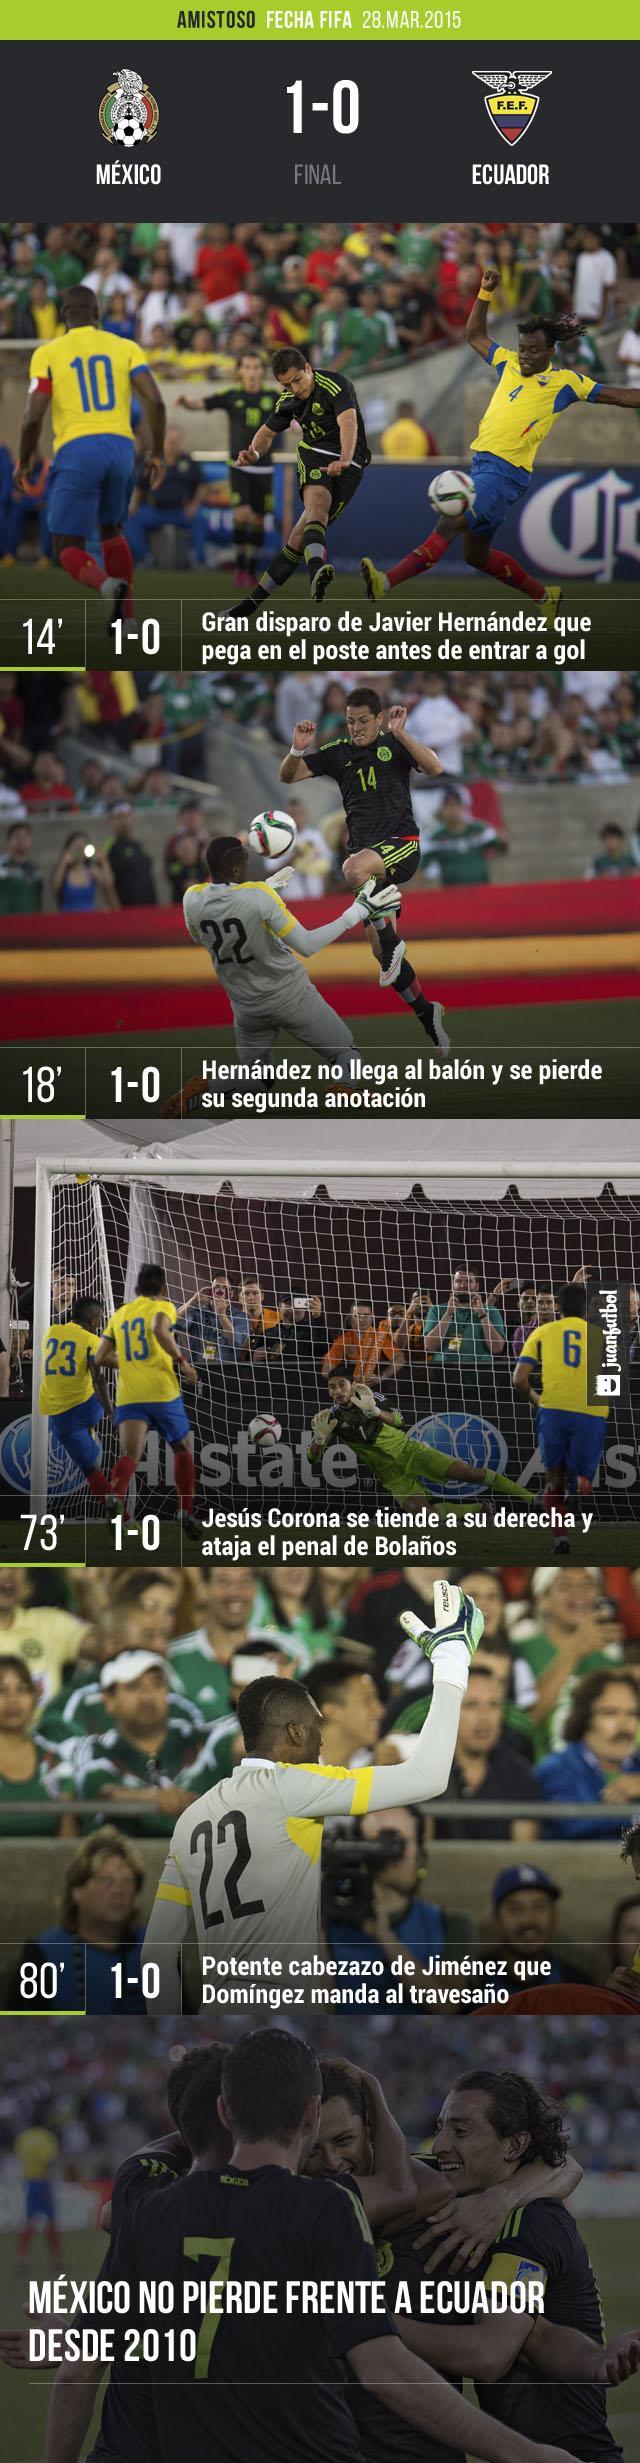 México derrota 1-0 a Ecuador en partido de Fecha FIFA. El gol fue obra de Javier Hernández.